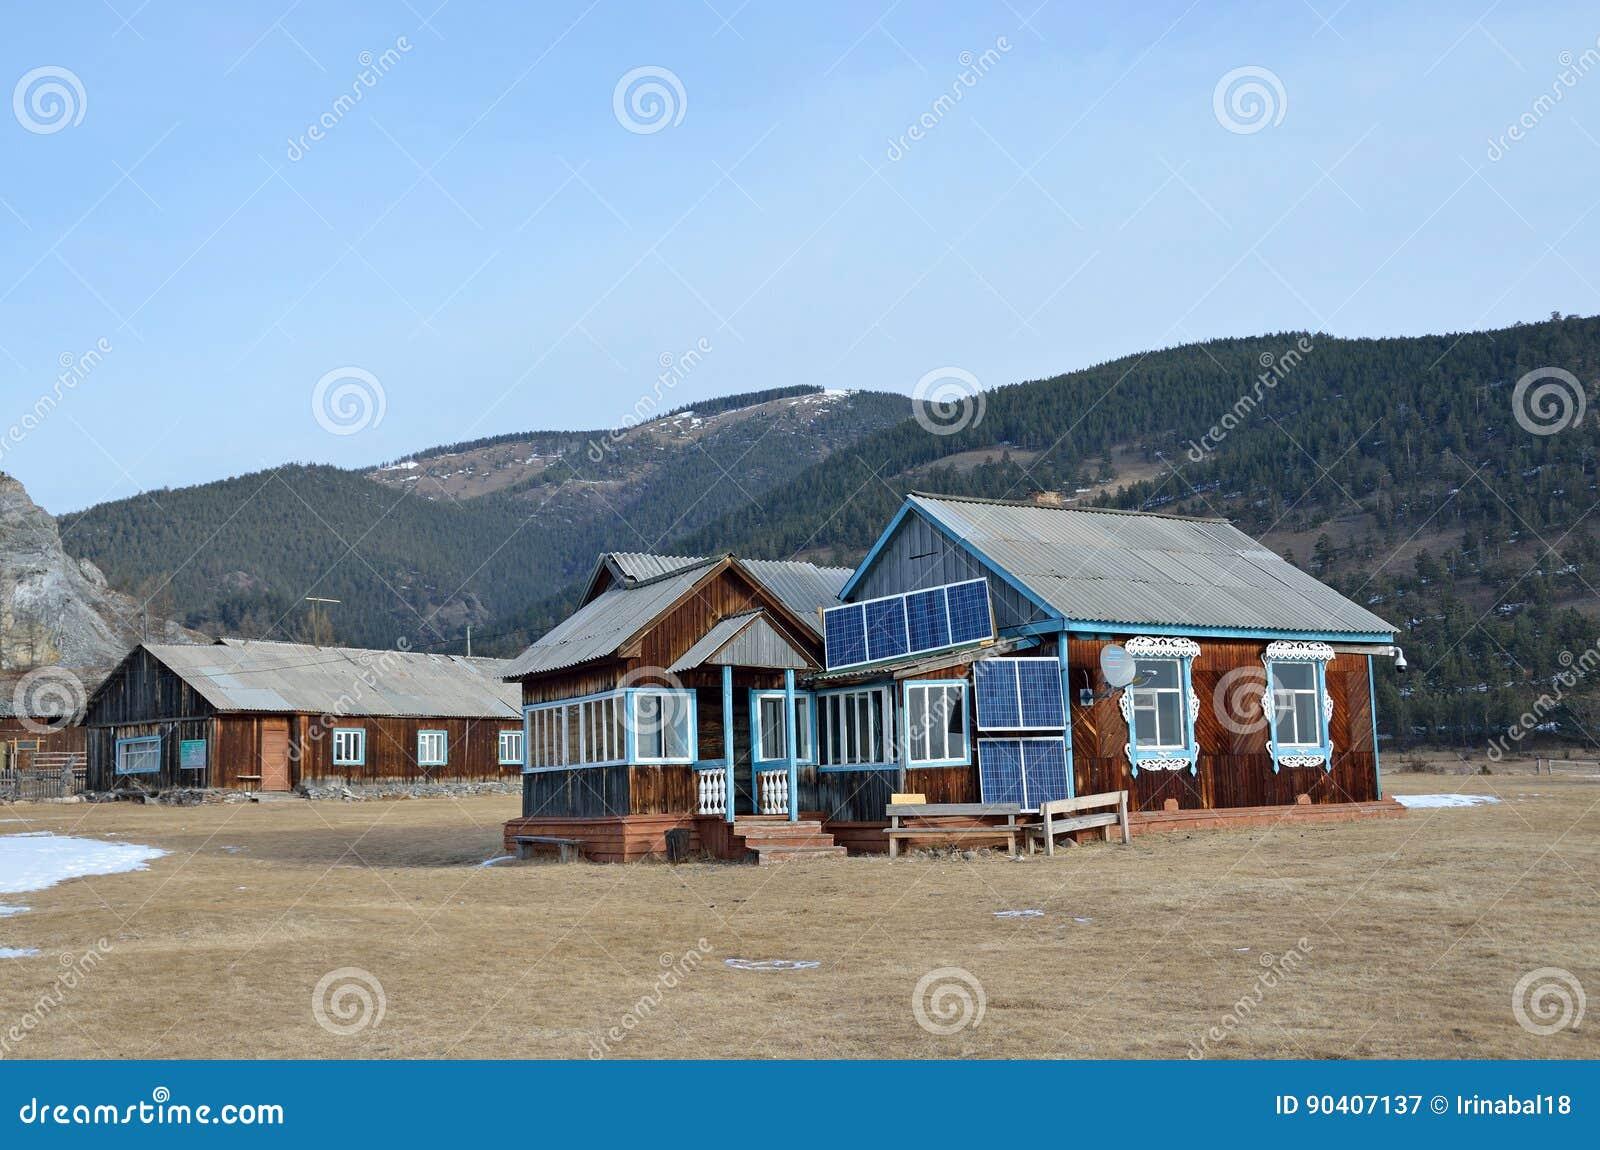 Casa de madeira em uma manhã do inverno na costa do Lago Baikal perto do cabo Bolshoy Kadilniy